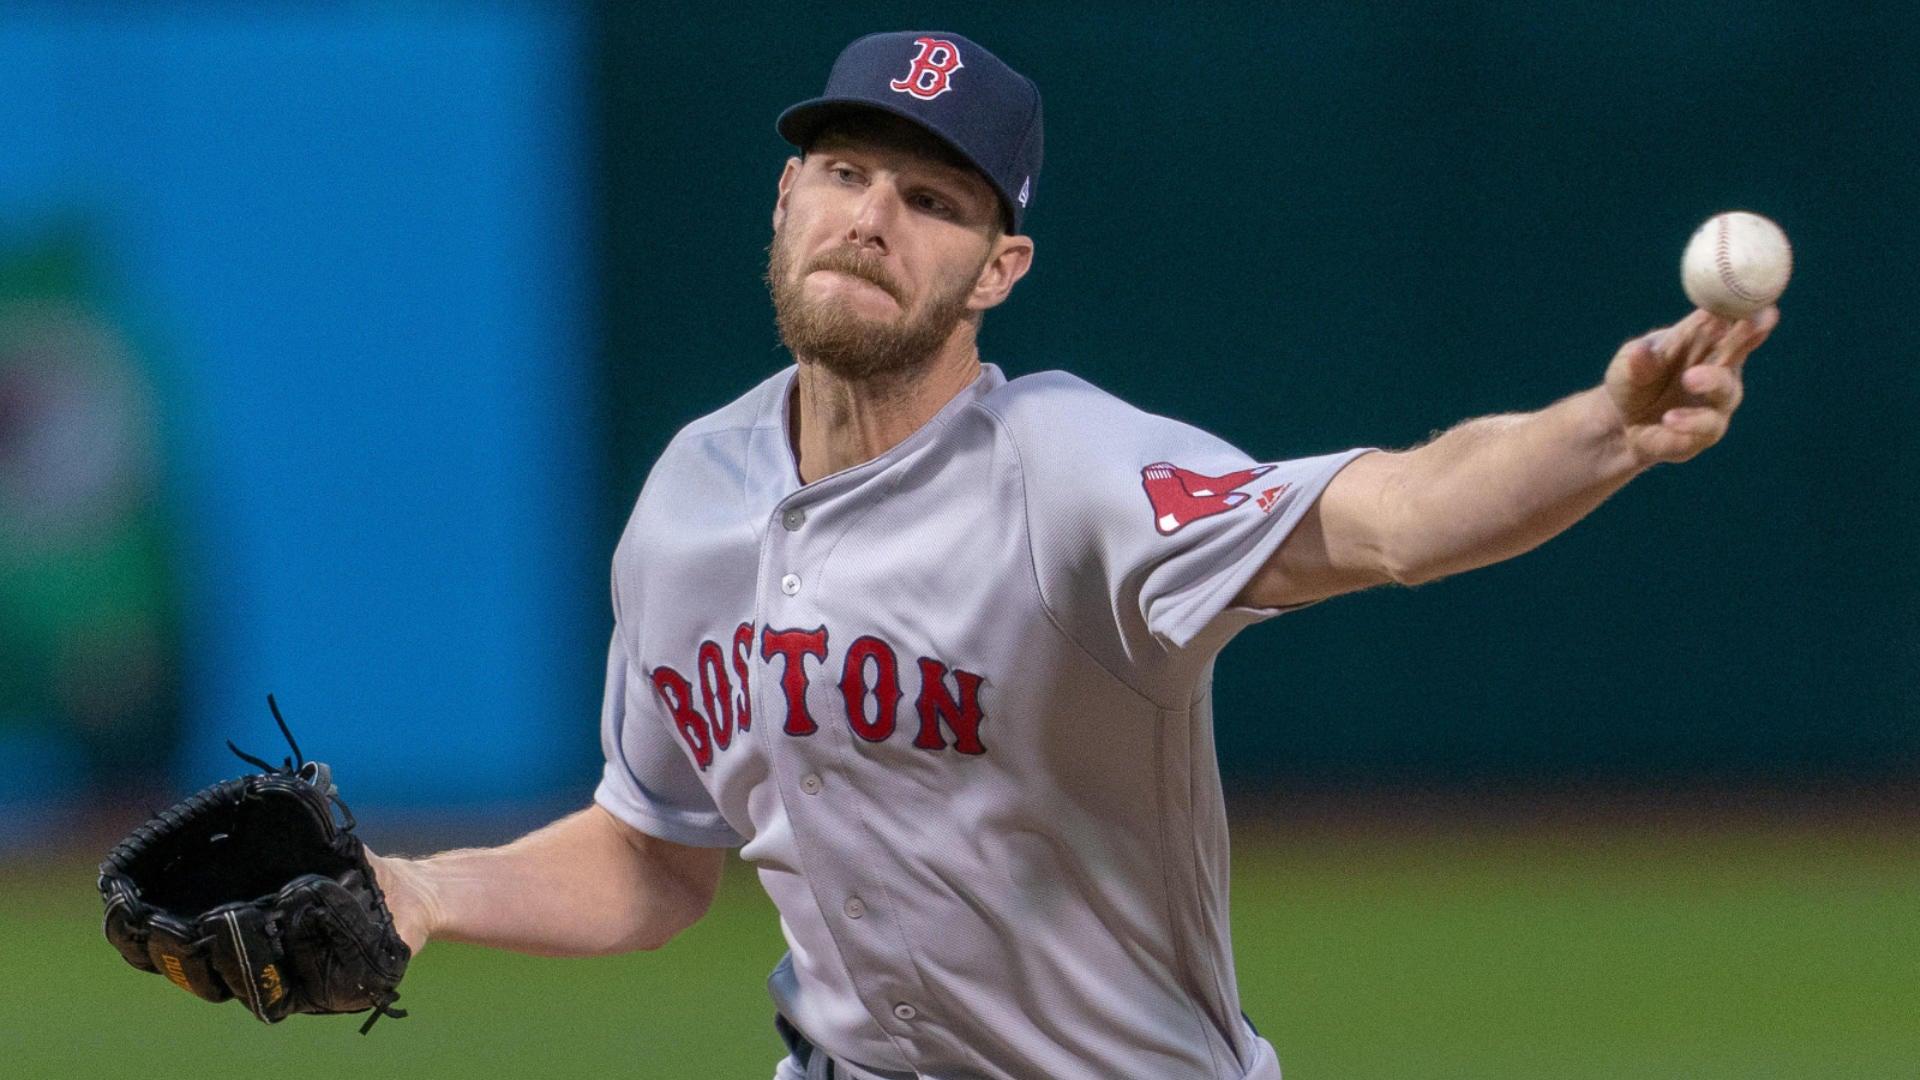 Fantasy Baseball: Two-start pitcher rankings for Week 5 identify Sonny Gray, Luke Weaver as sleepers